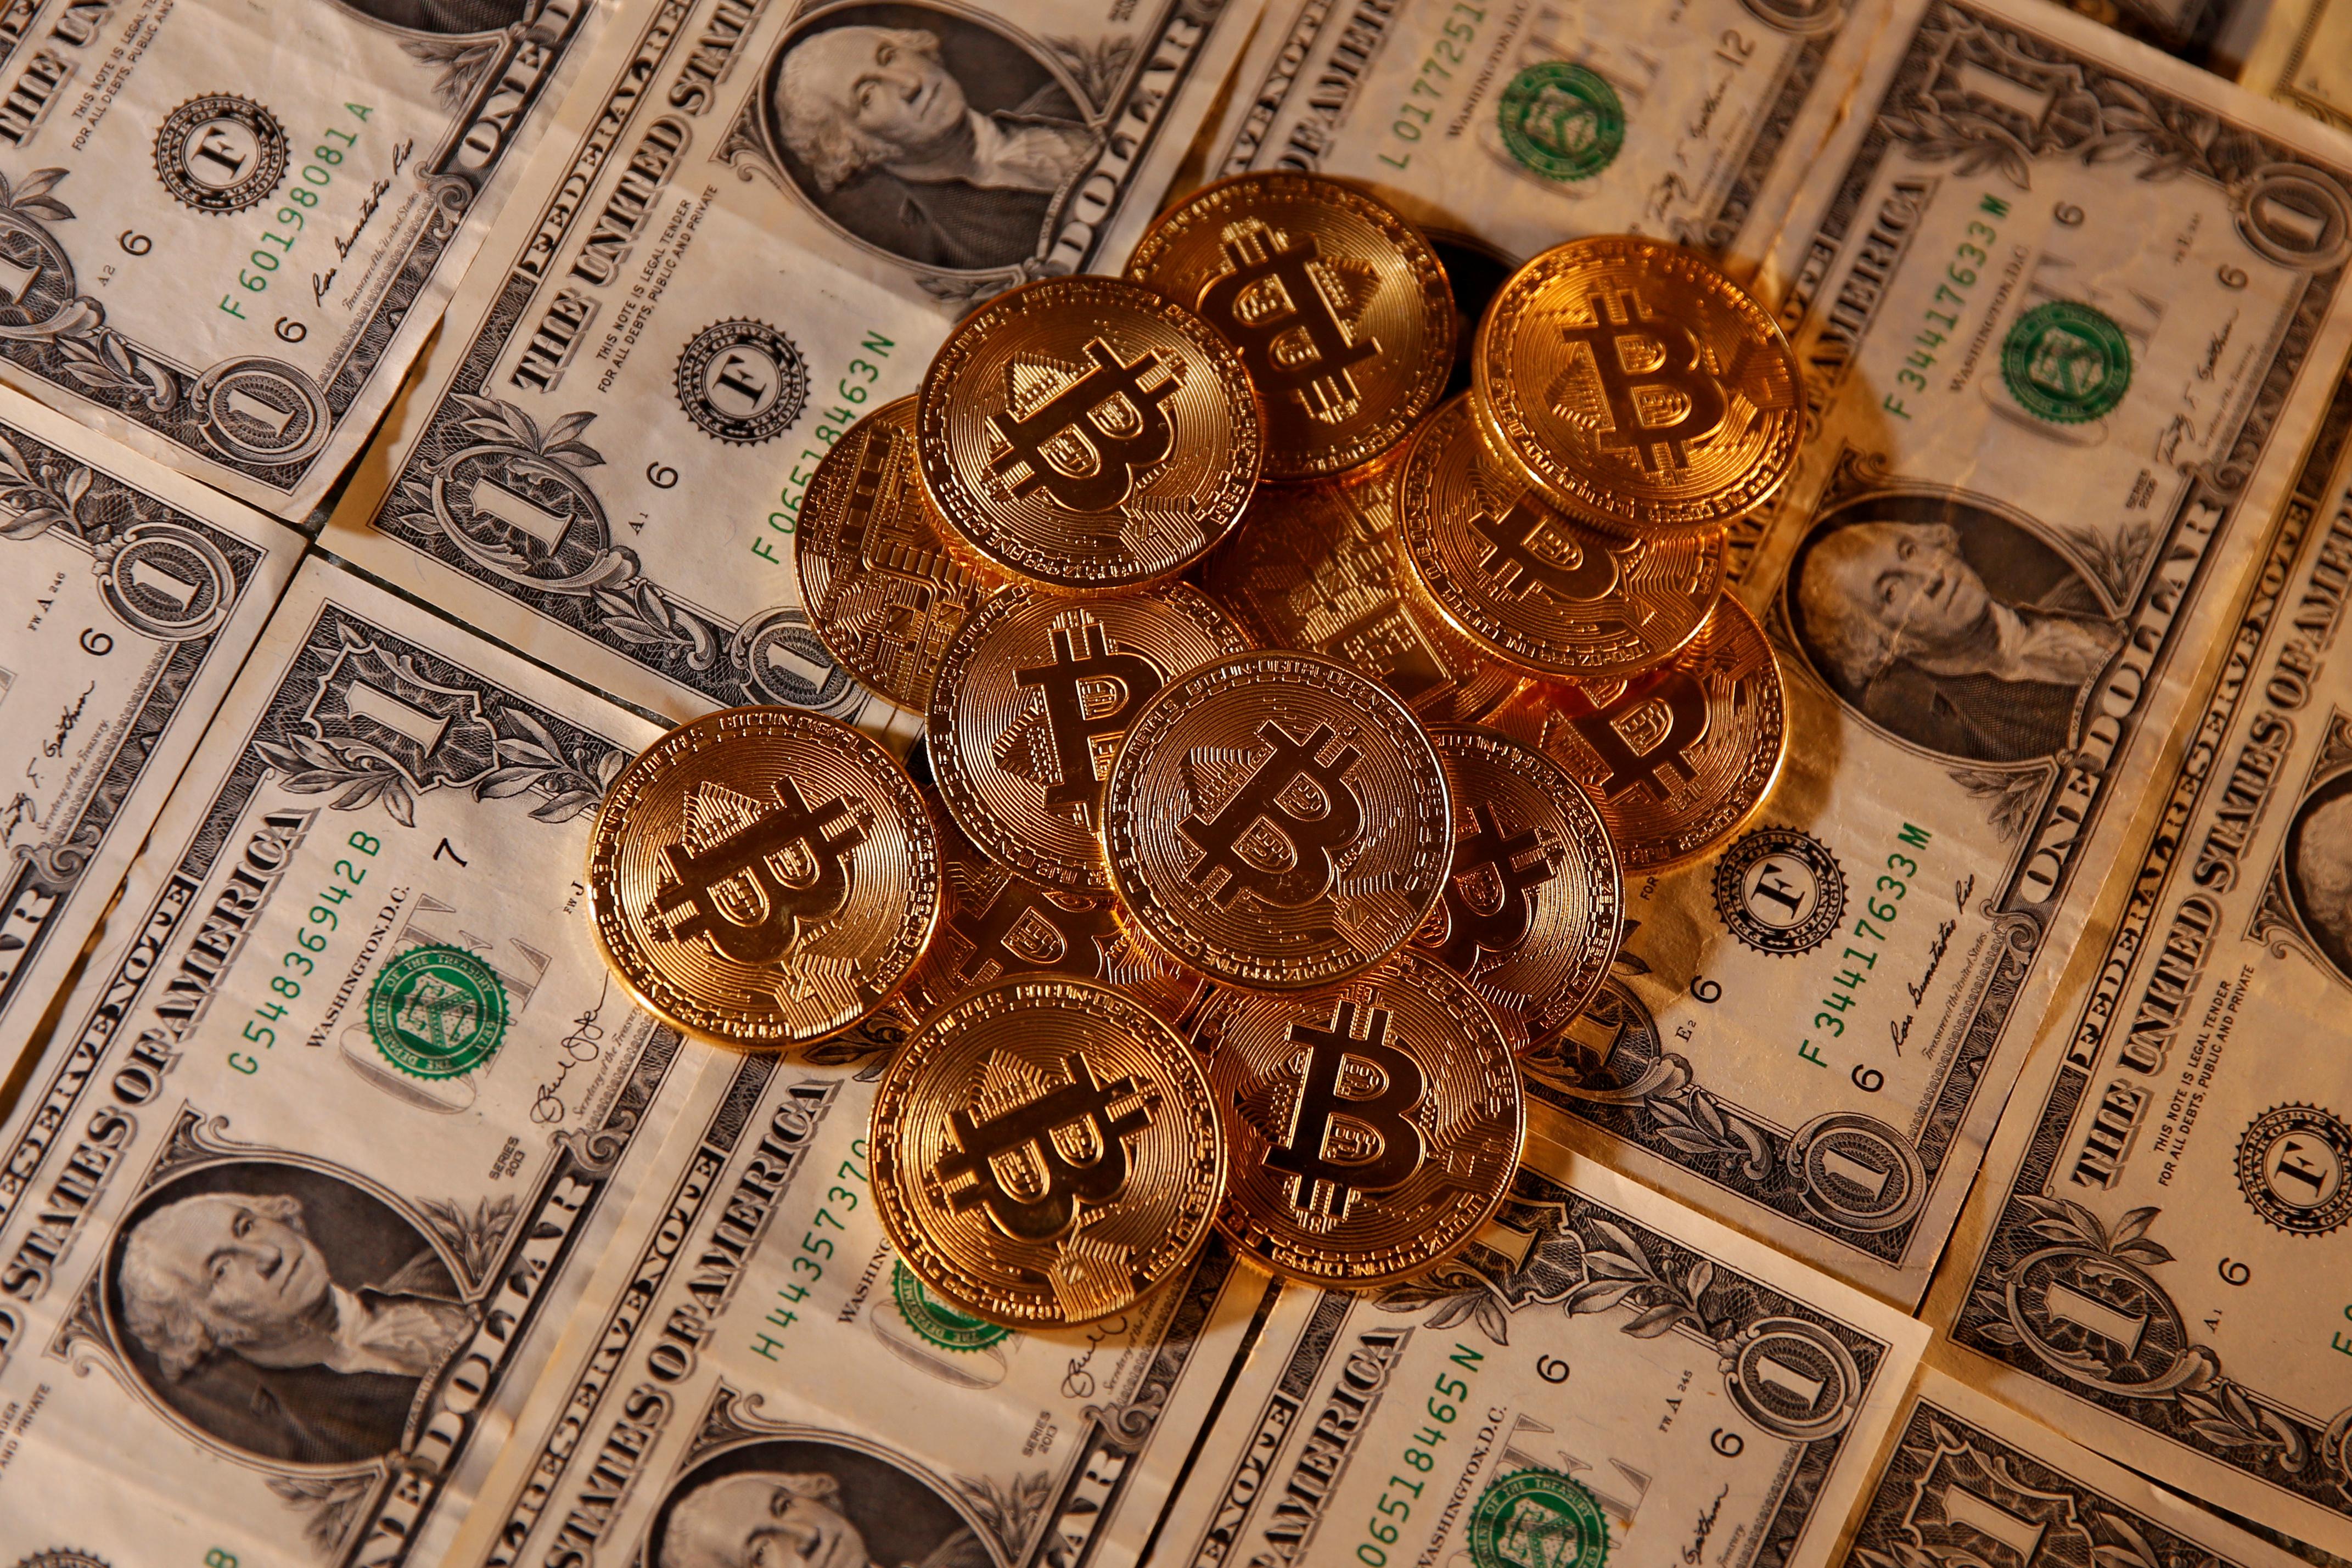 kaip prekiauti bitcoin naudojant monetos ph